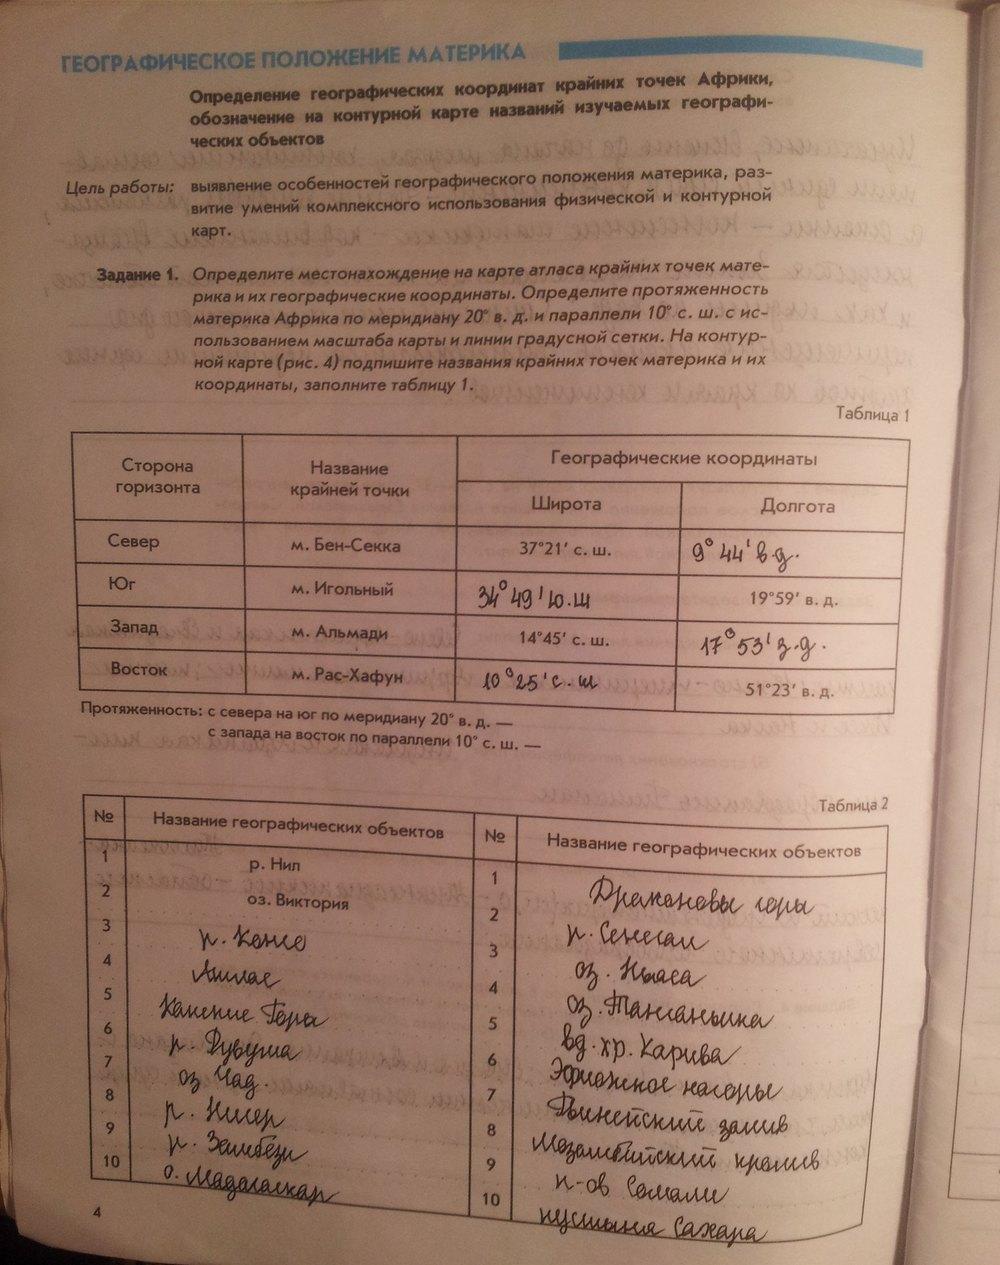 гдз по географии 7 класс рабочая тетрадь сиротин таблица 12